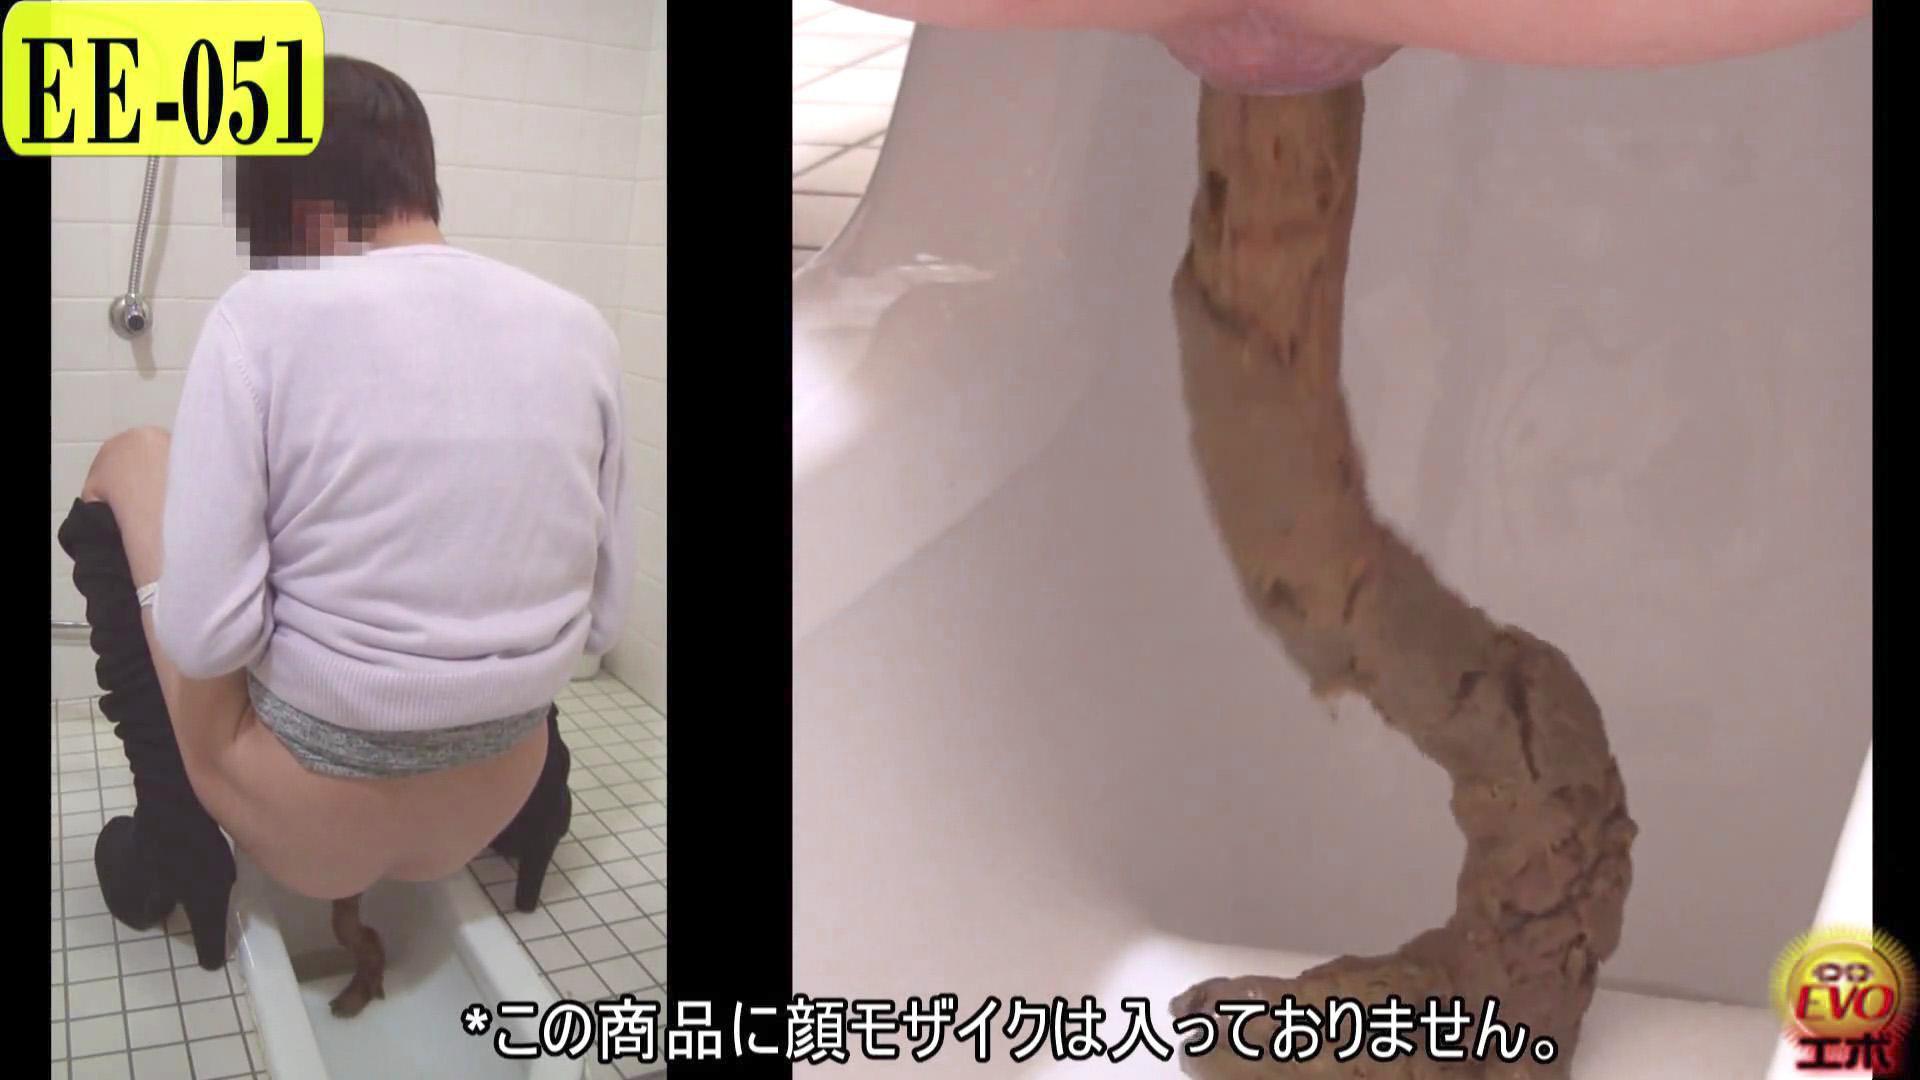 [サンプル]   盗覗4カメトイレ 輝くウンコ!